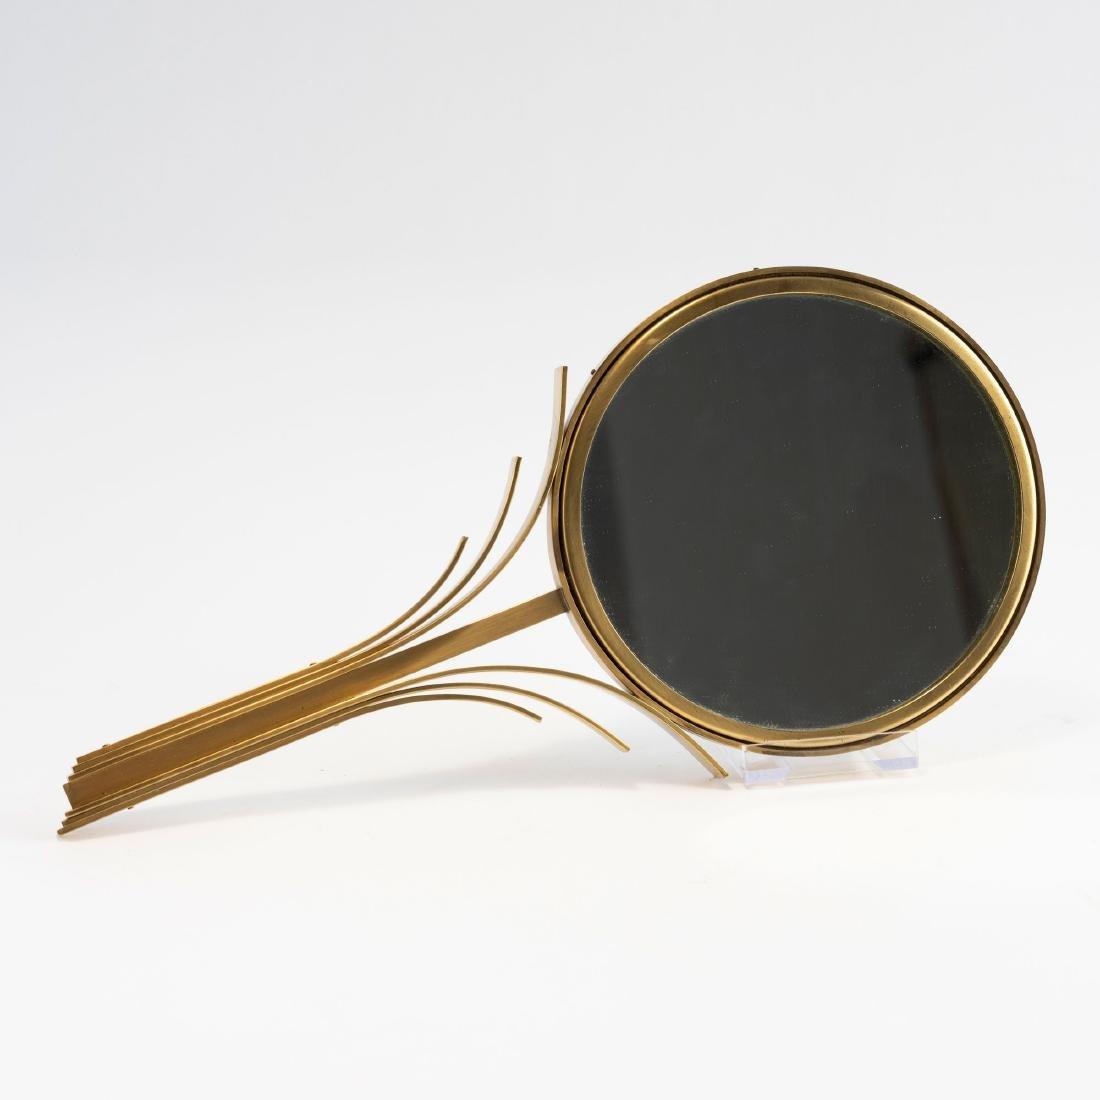 Hand-held mirror, 1930s - 2